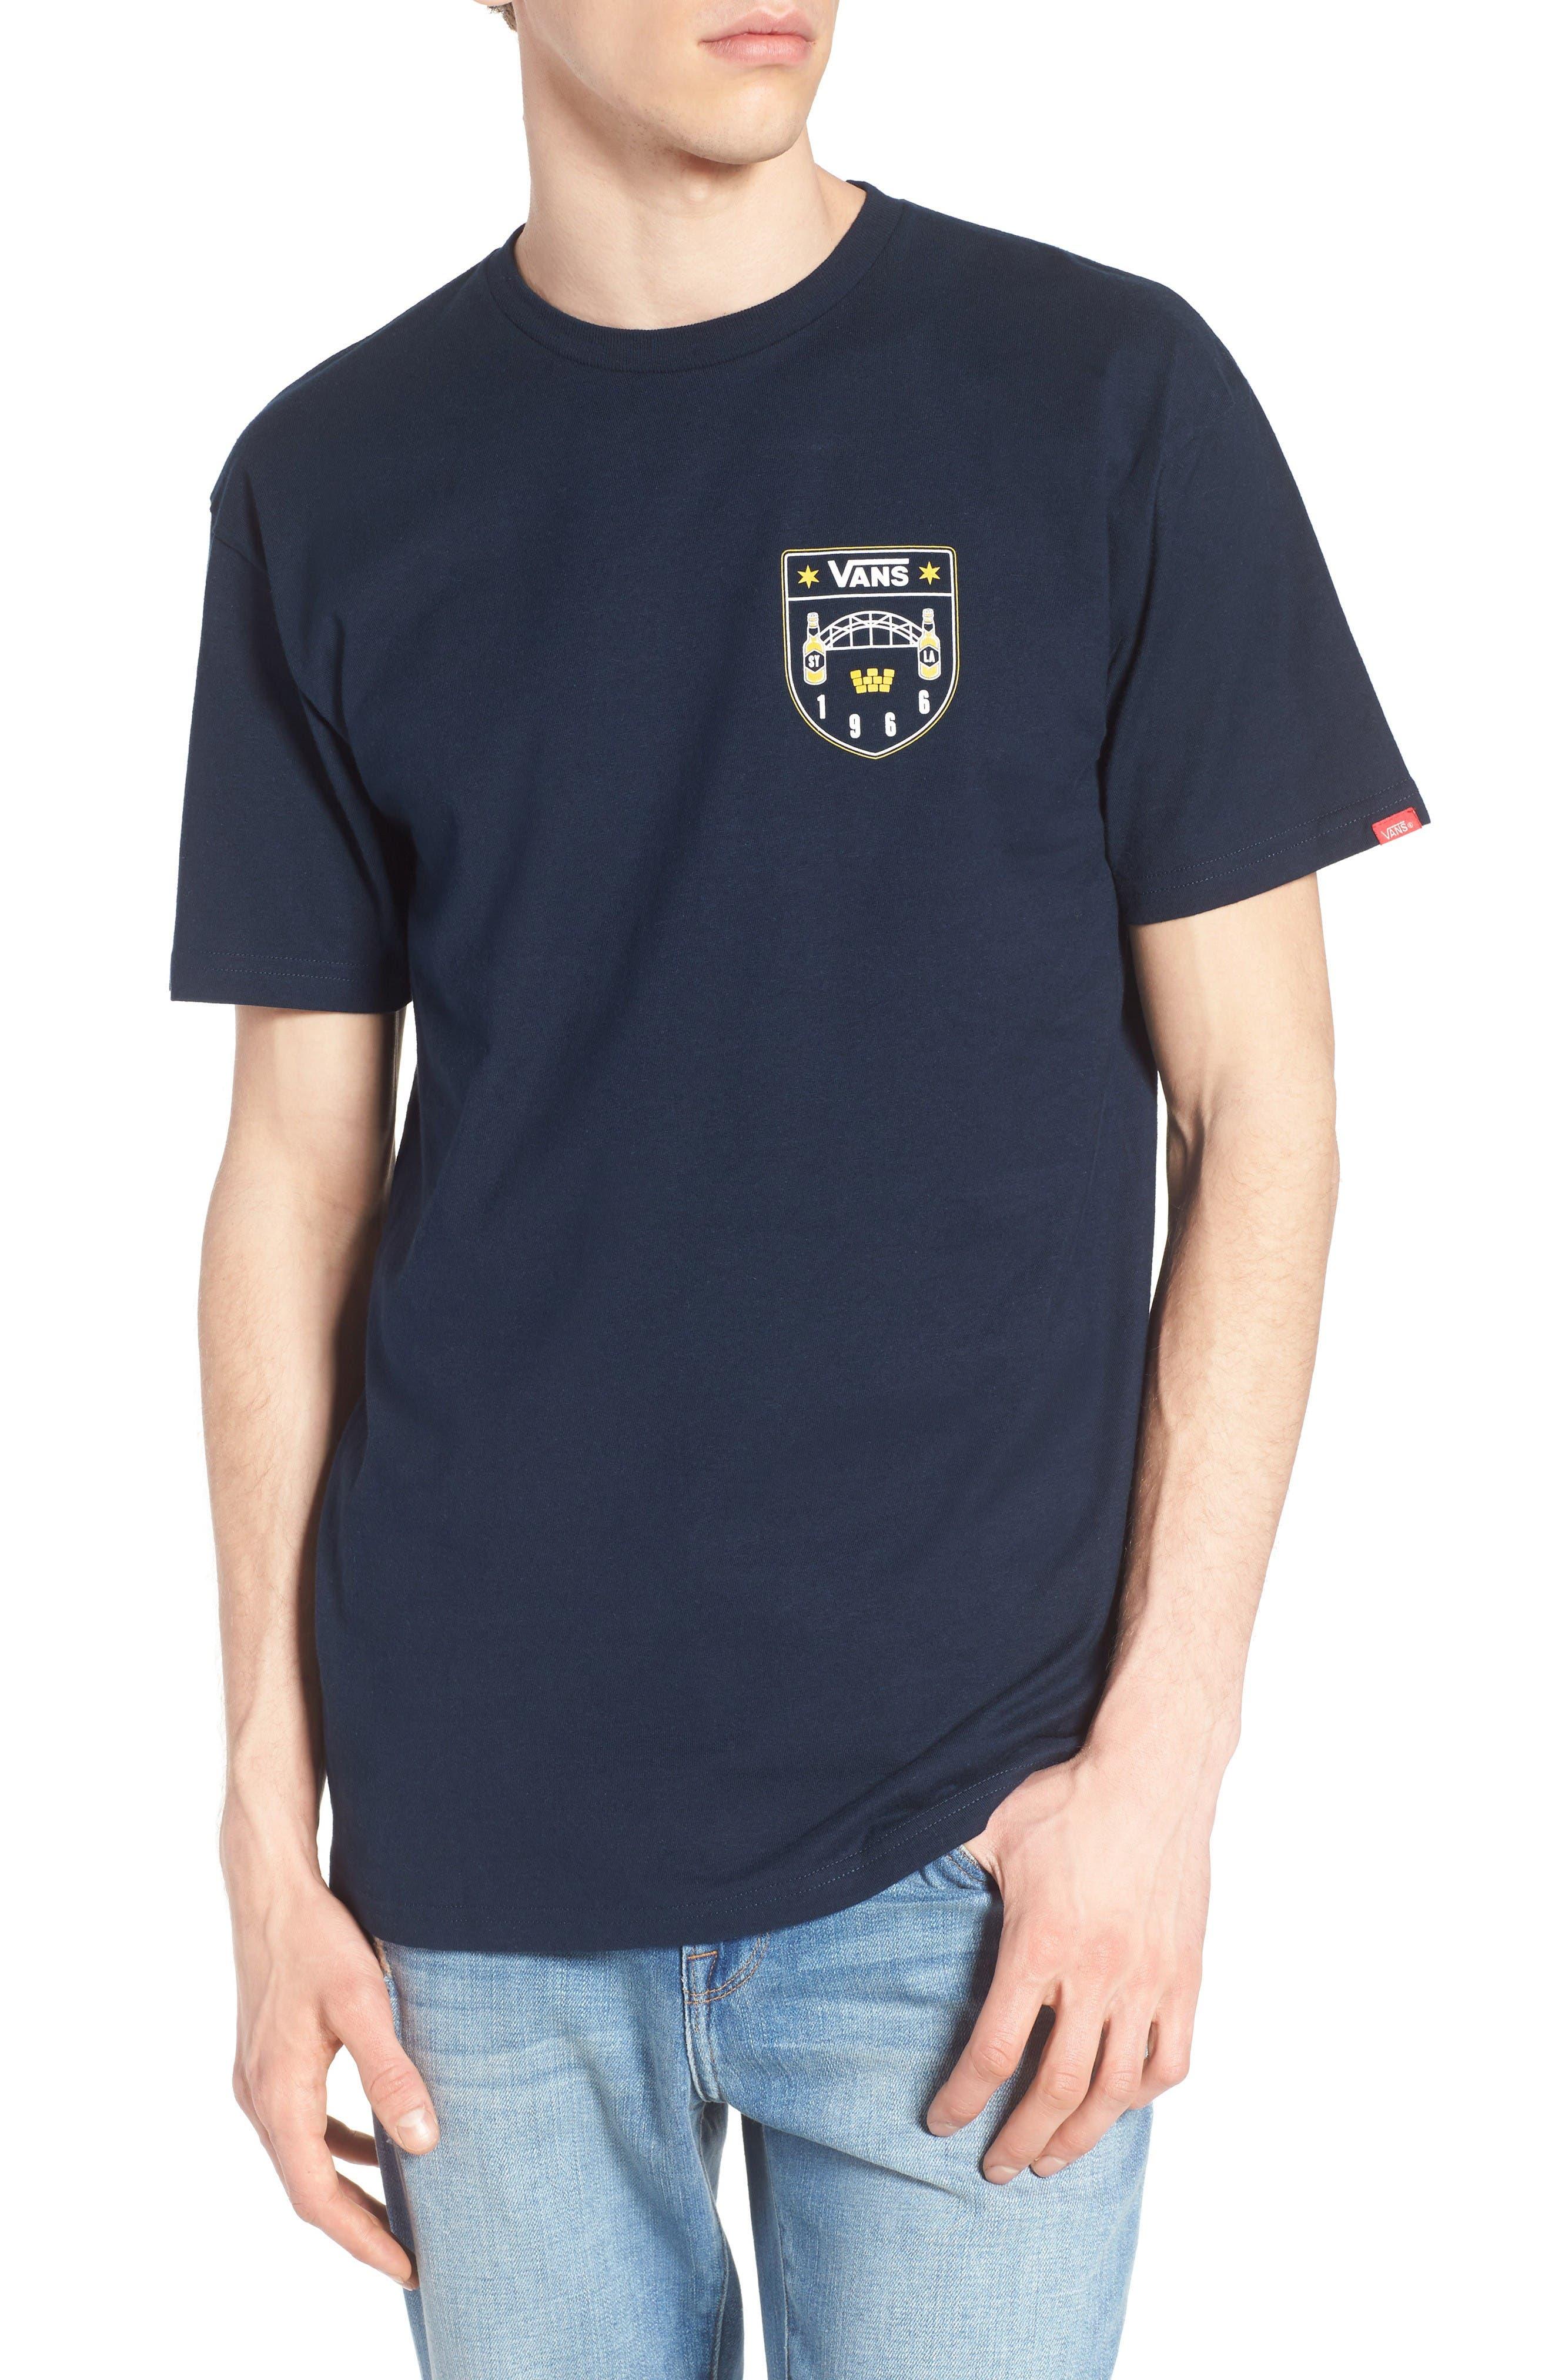 Vans Chima Bridge Graphic T-Shirt